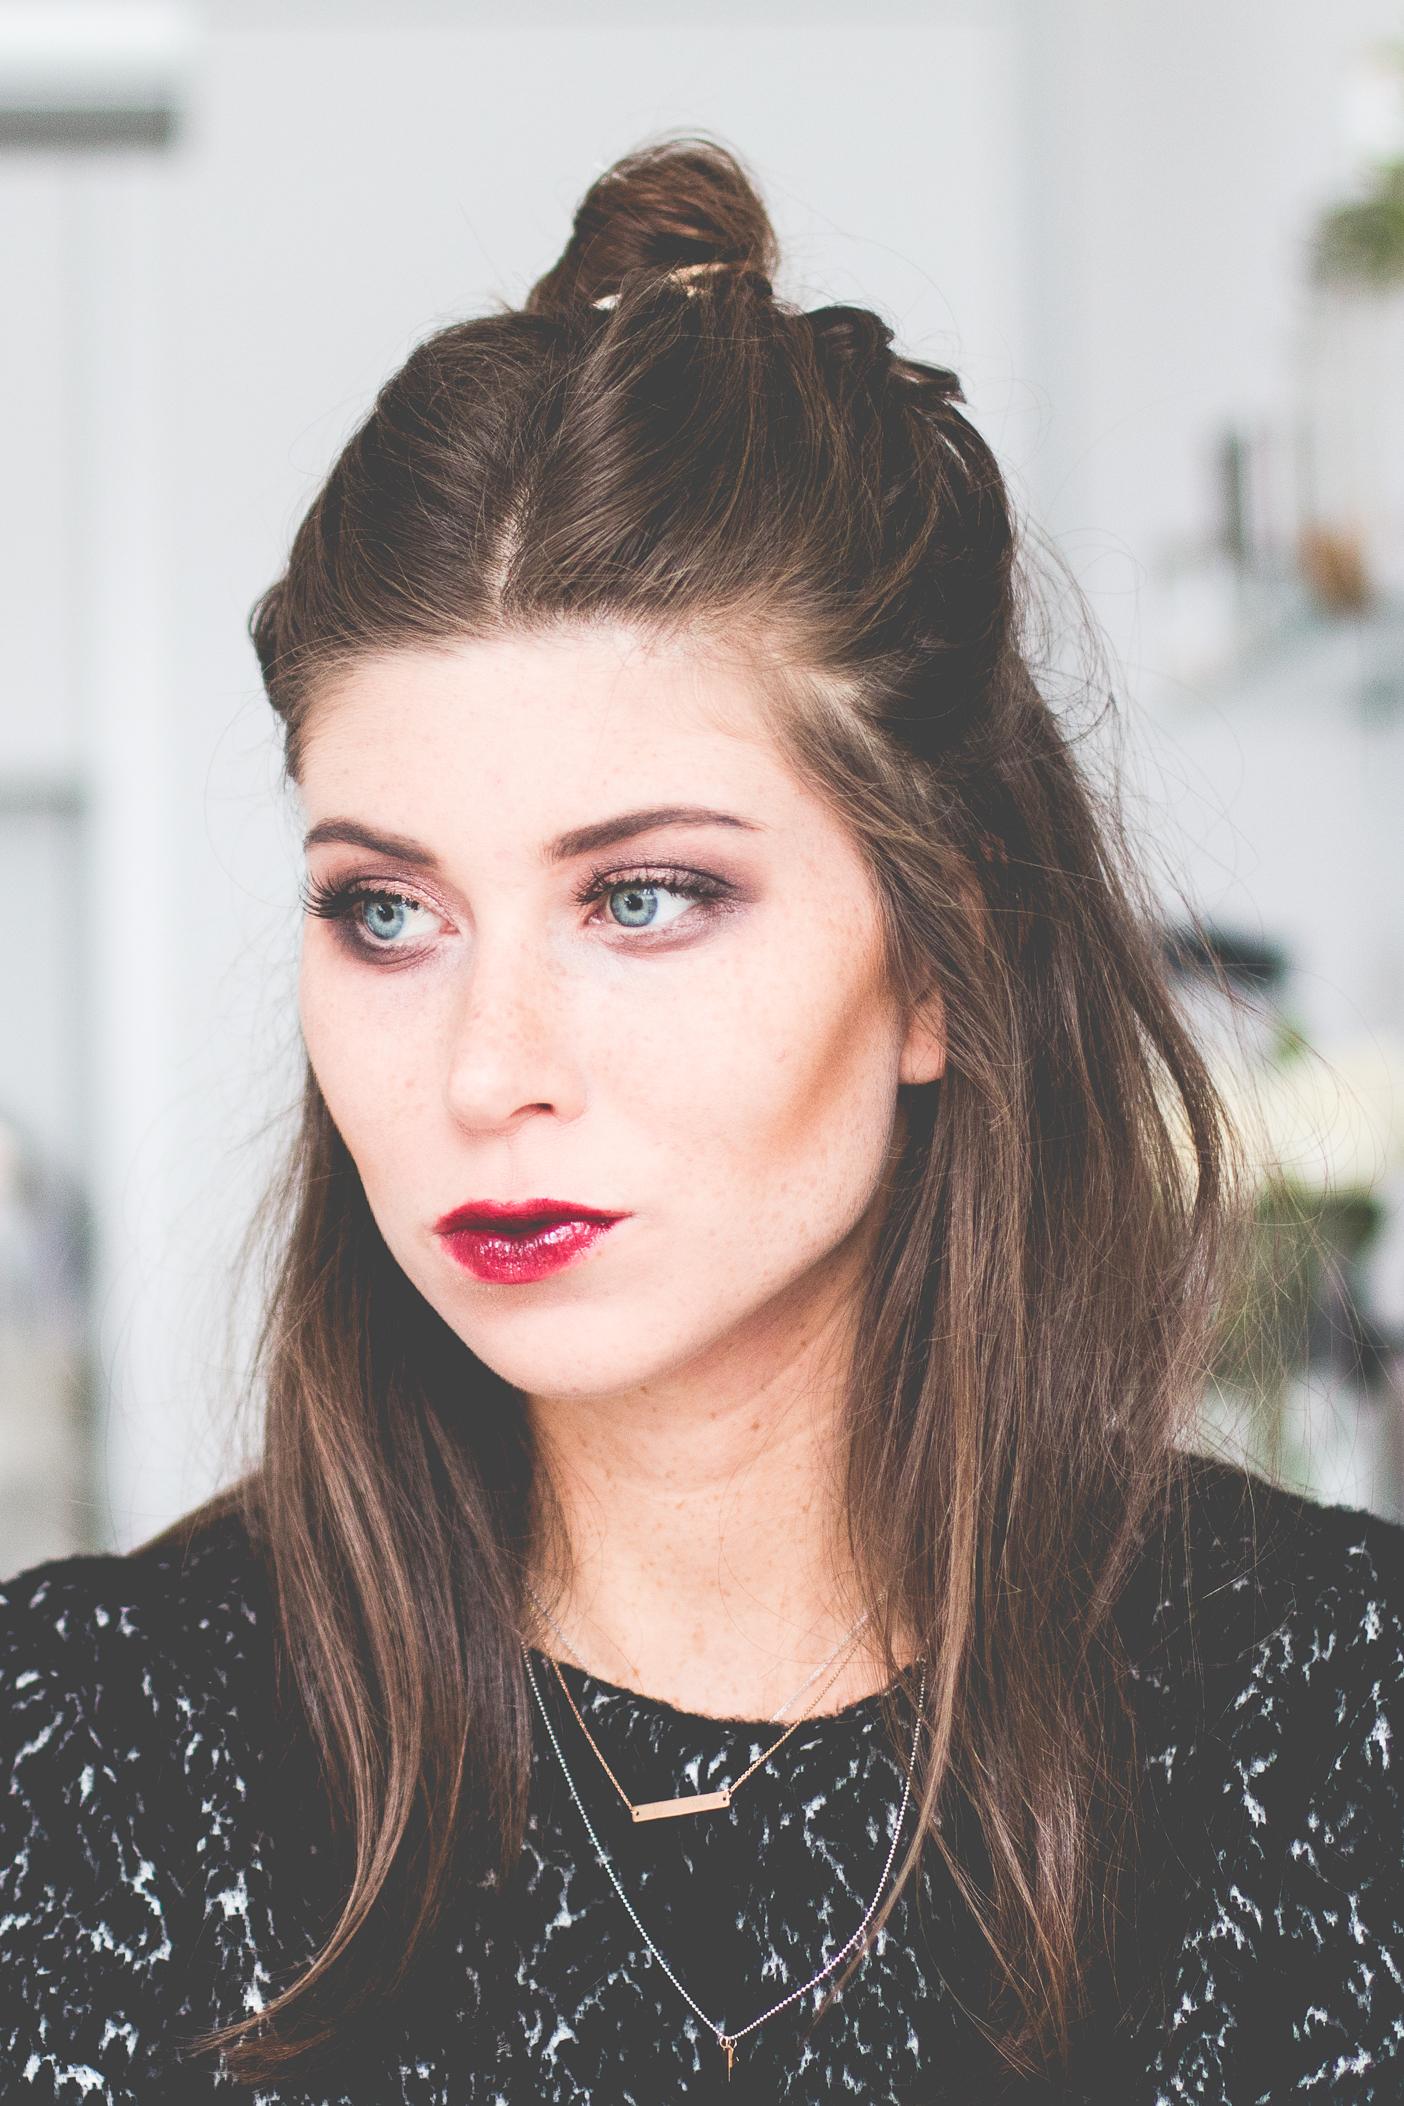 BOO! vampire-inspired halloween make-up